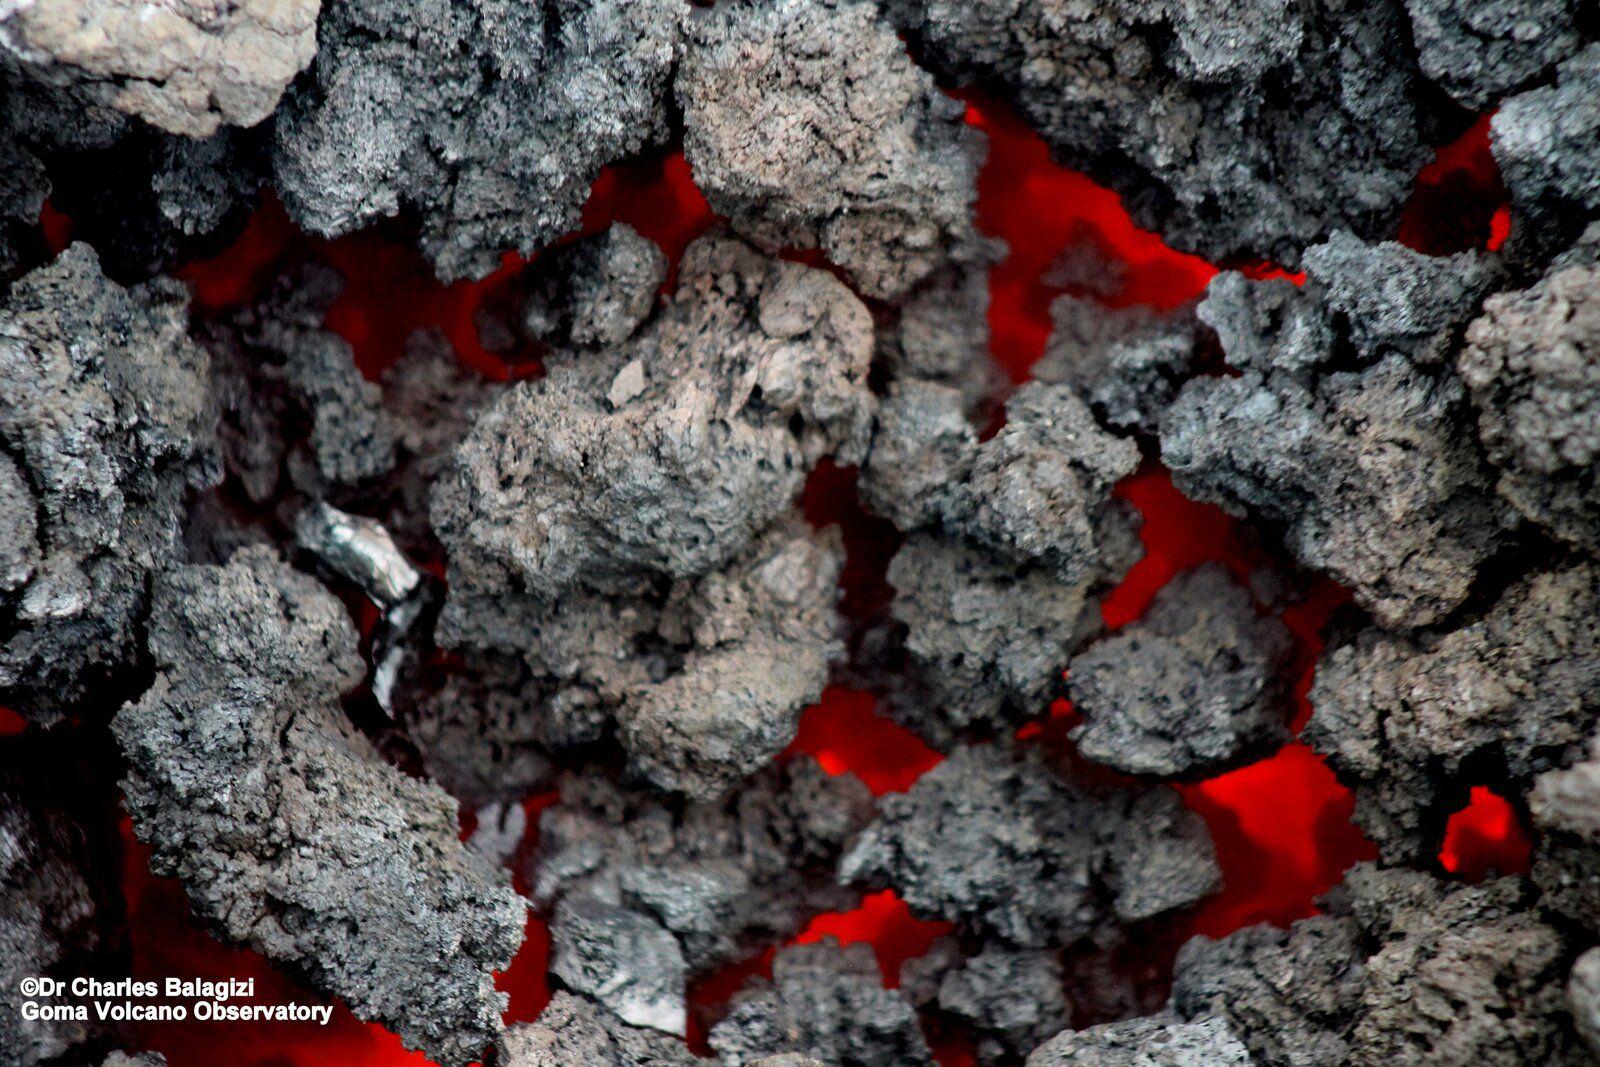 Nyiragono - hot lava in Mugerwa - photo Dr .Ch.Balagizi 23.05.2021